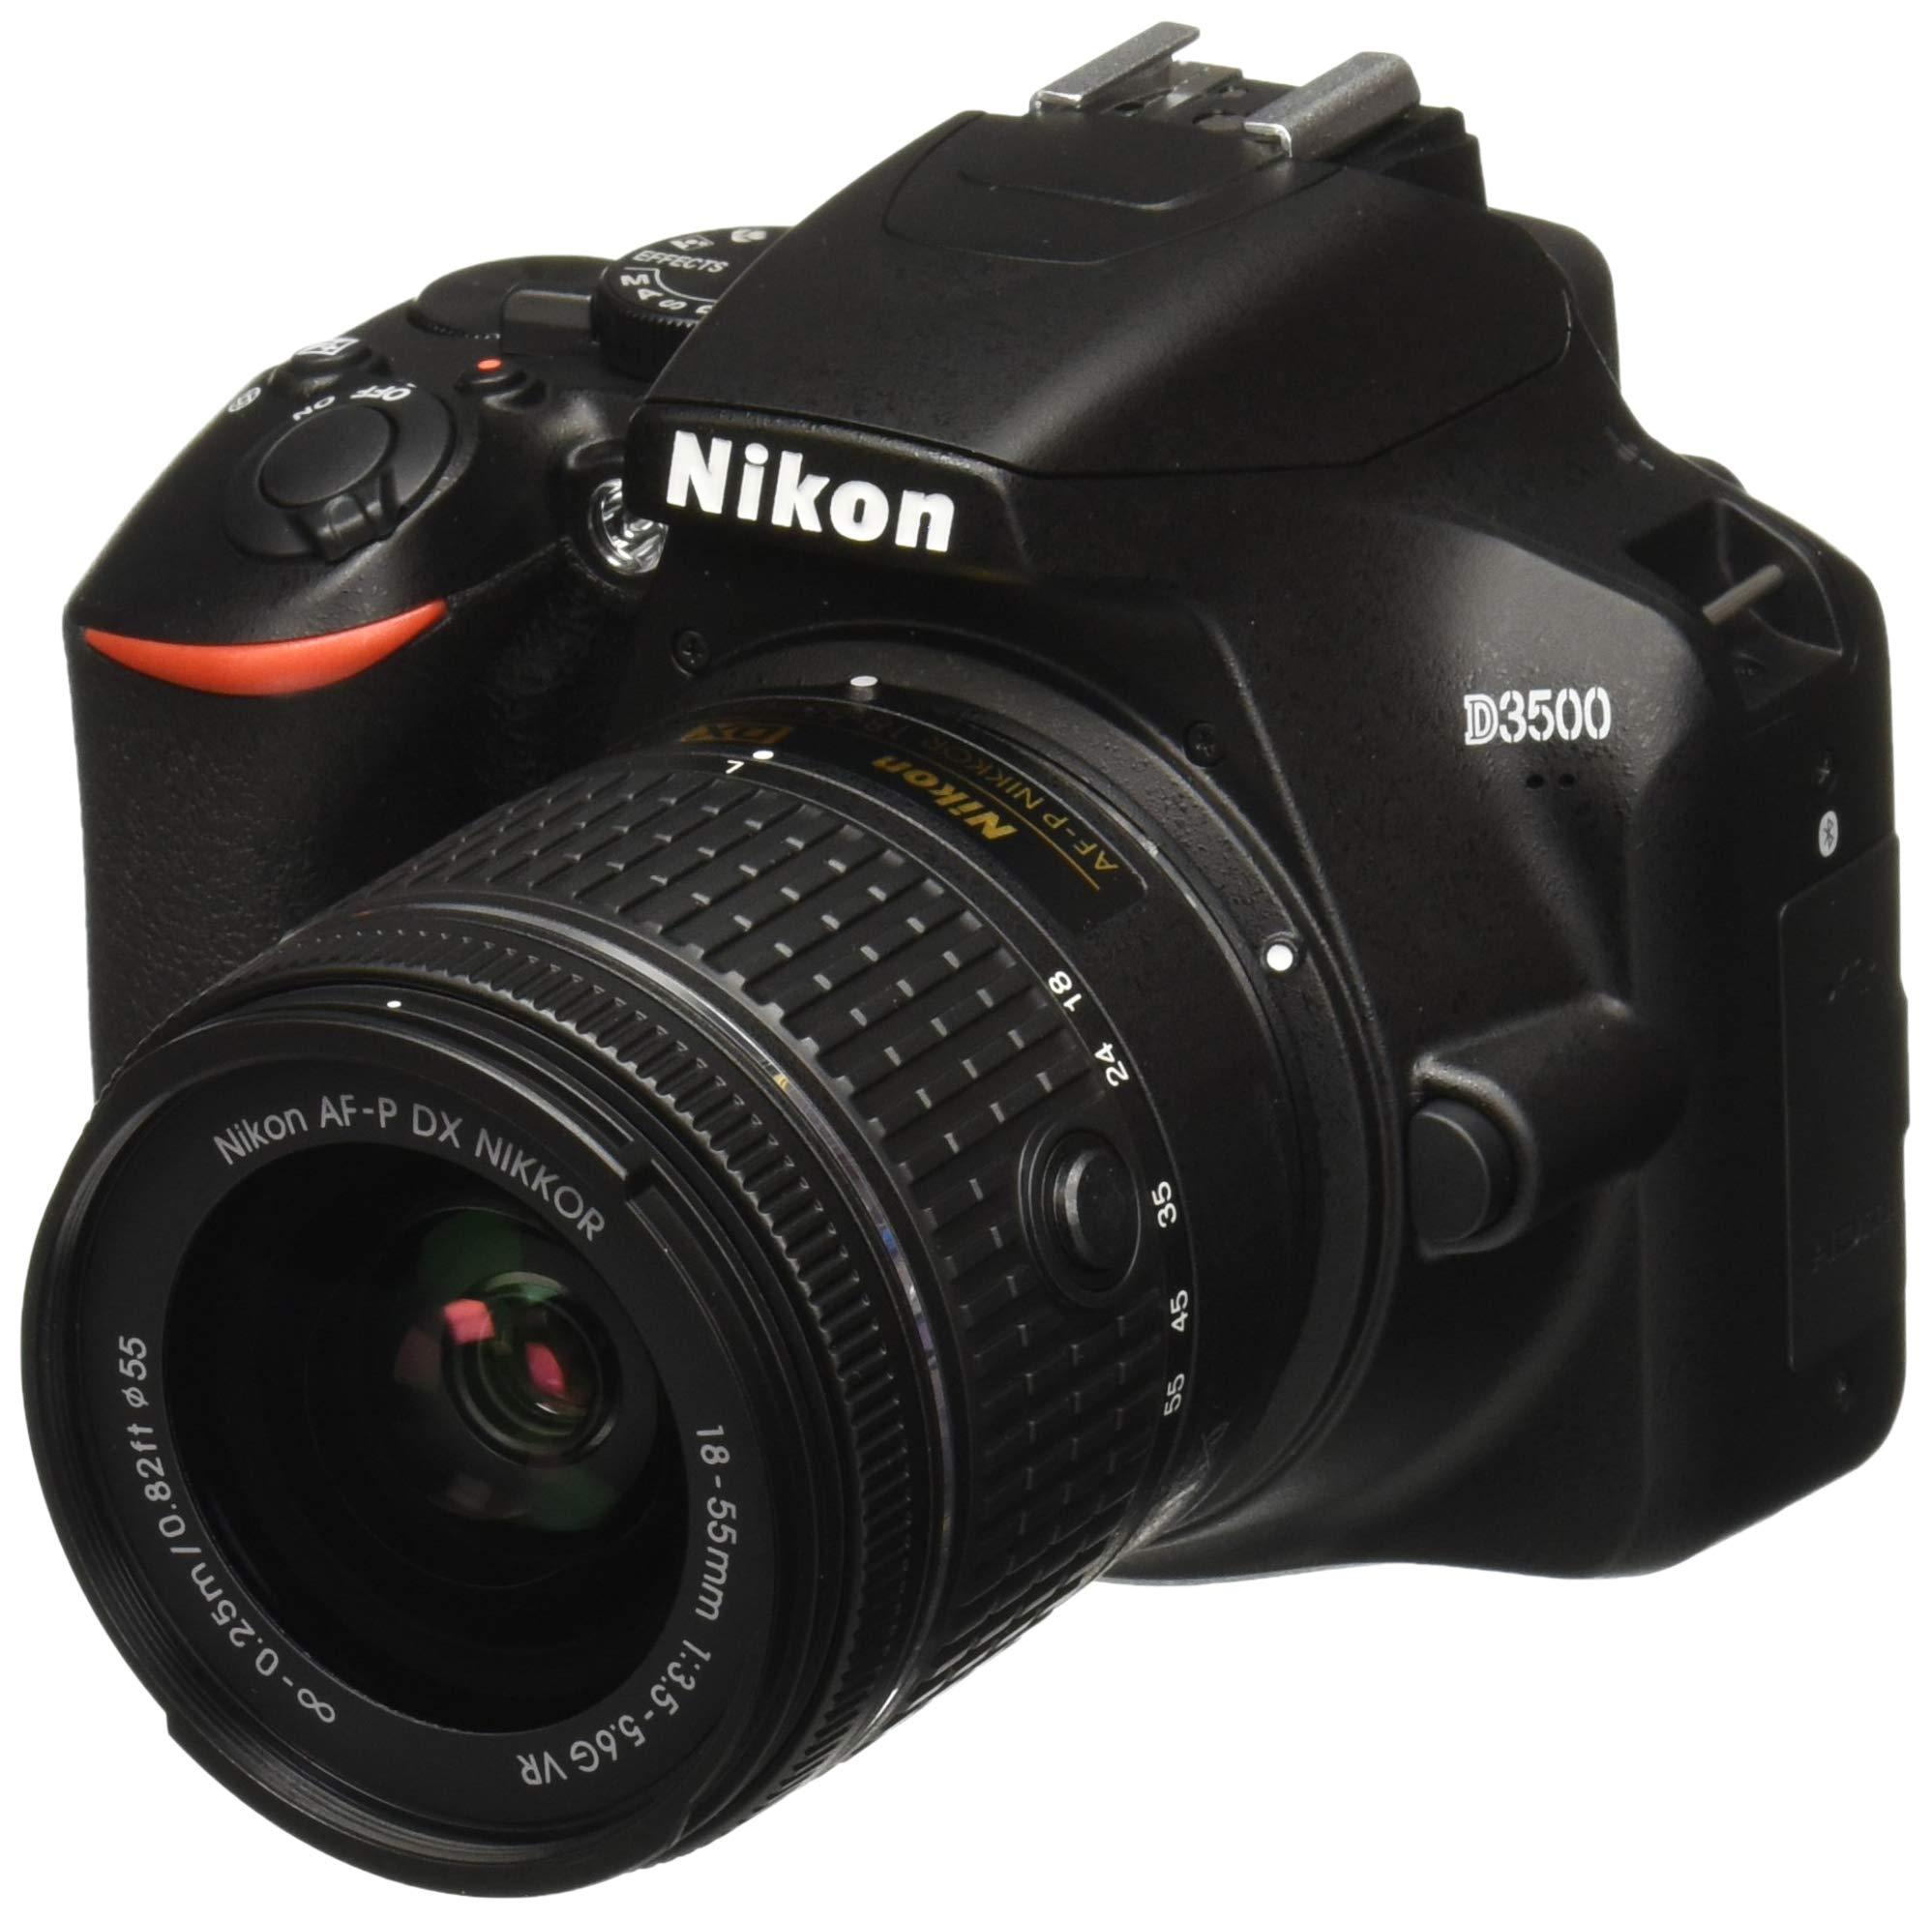 nikon-d3500-w-af-p-dx-nikkor-18-55mm-f35-56g-vr-black